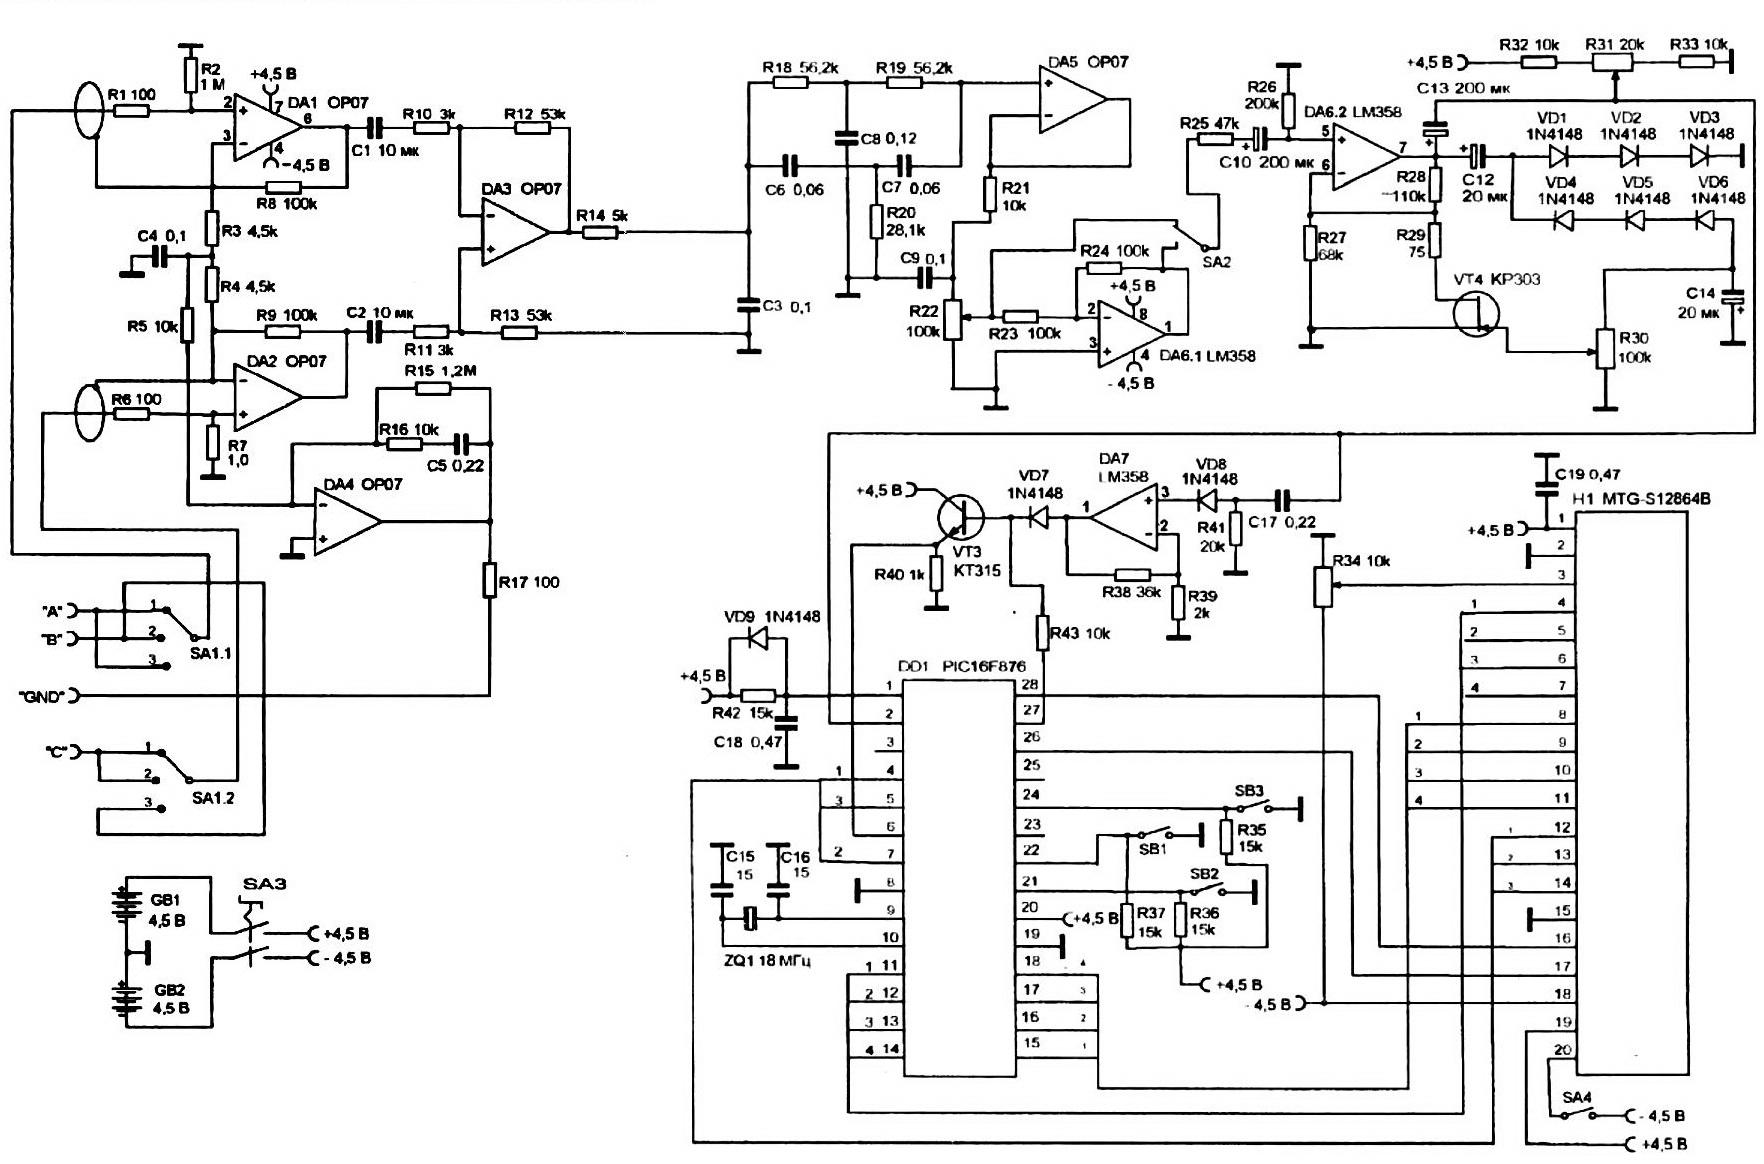 Радио схемы радио передатчики 55